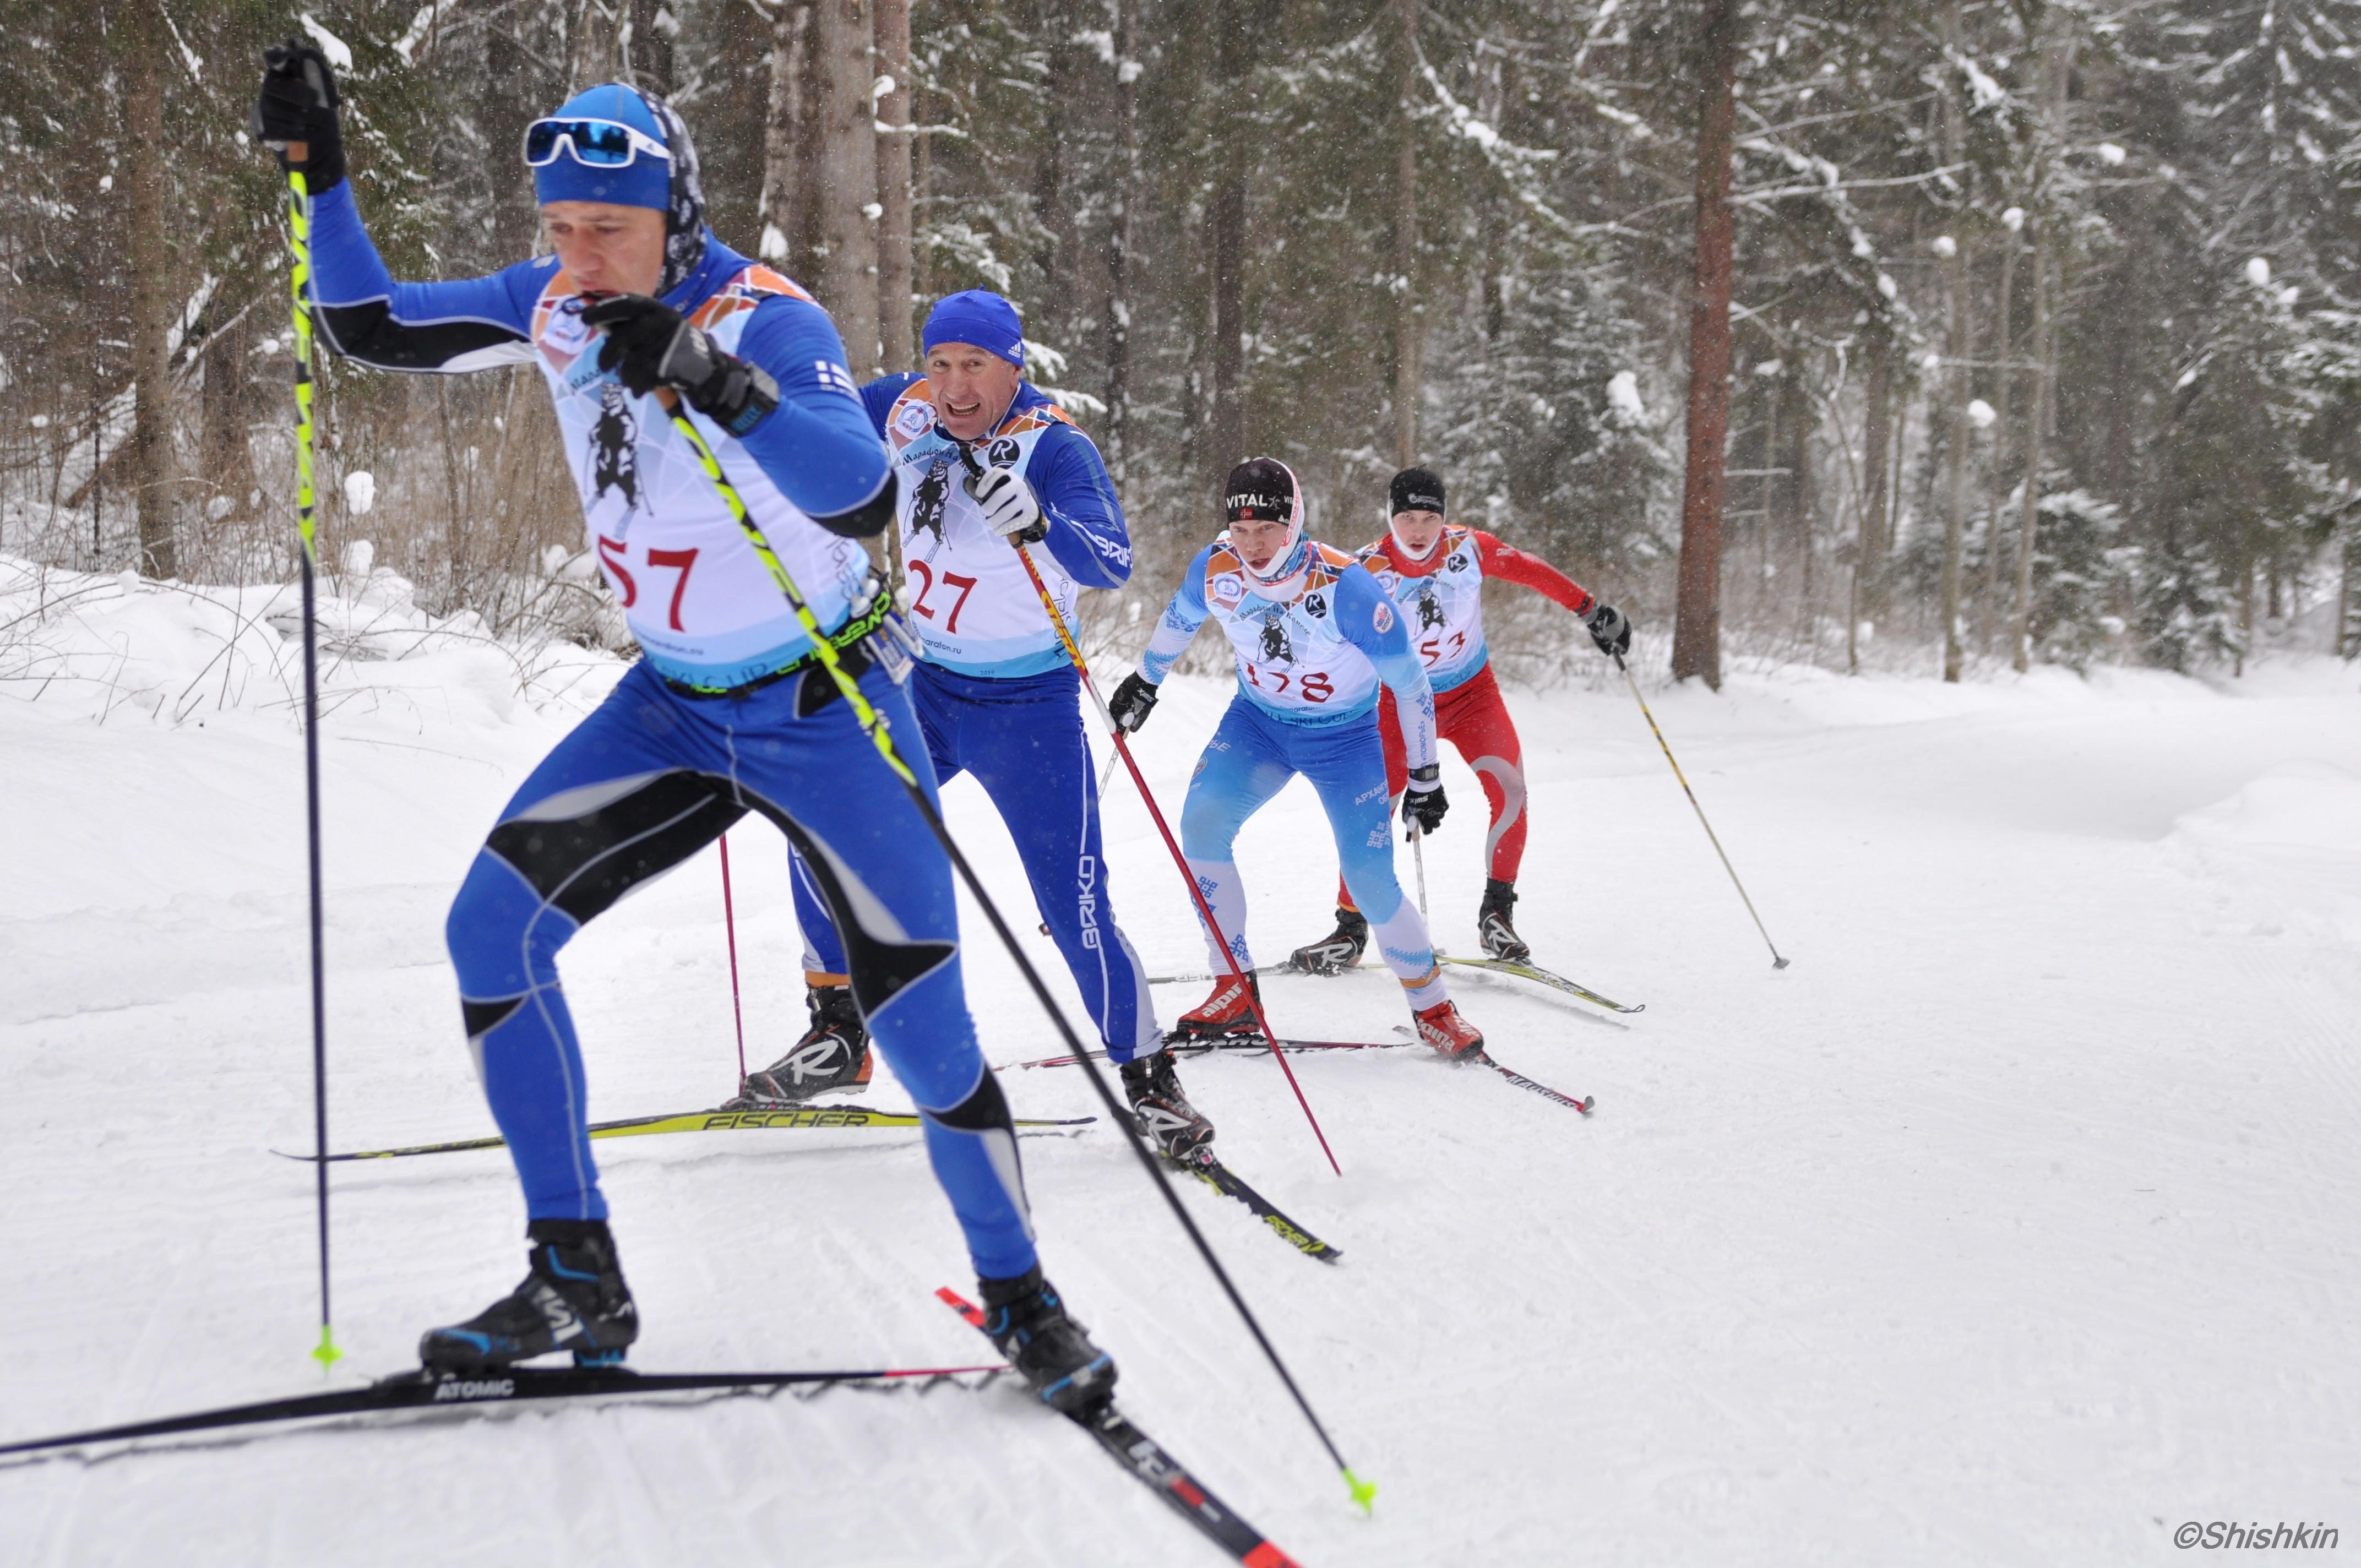 Работа группой на трассе лыжного марафона в Вологде